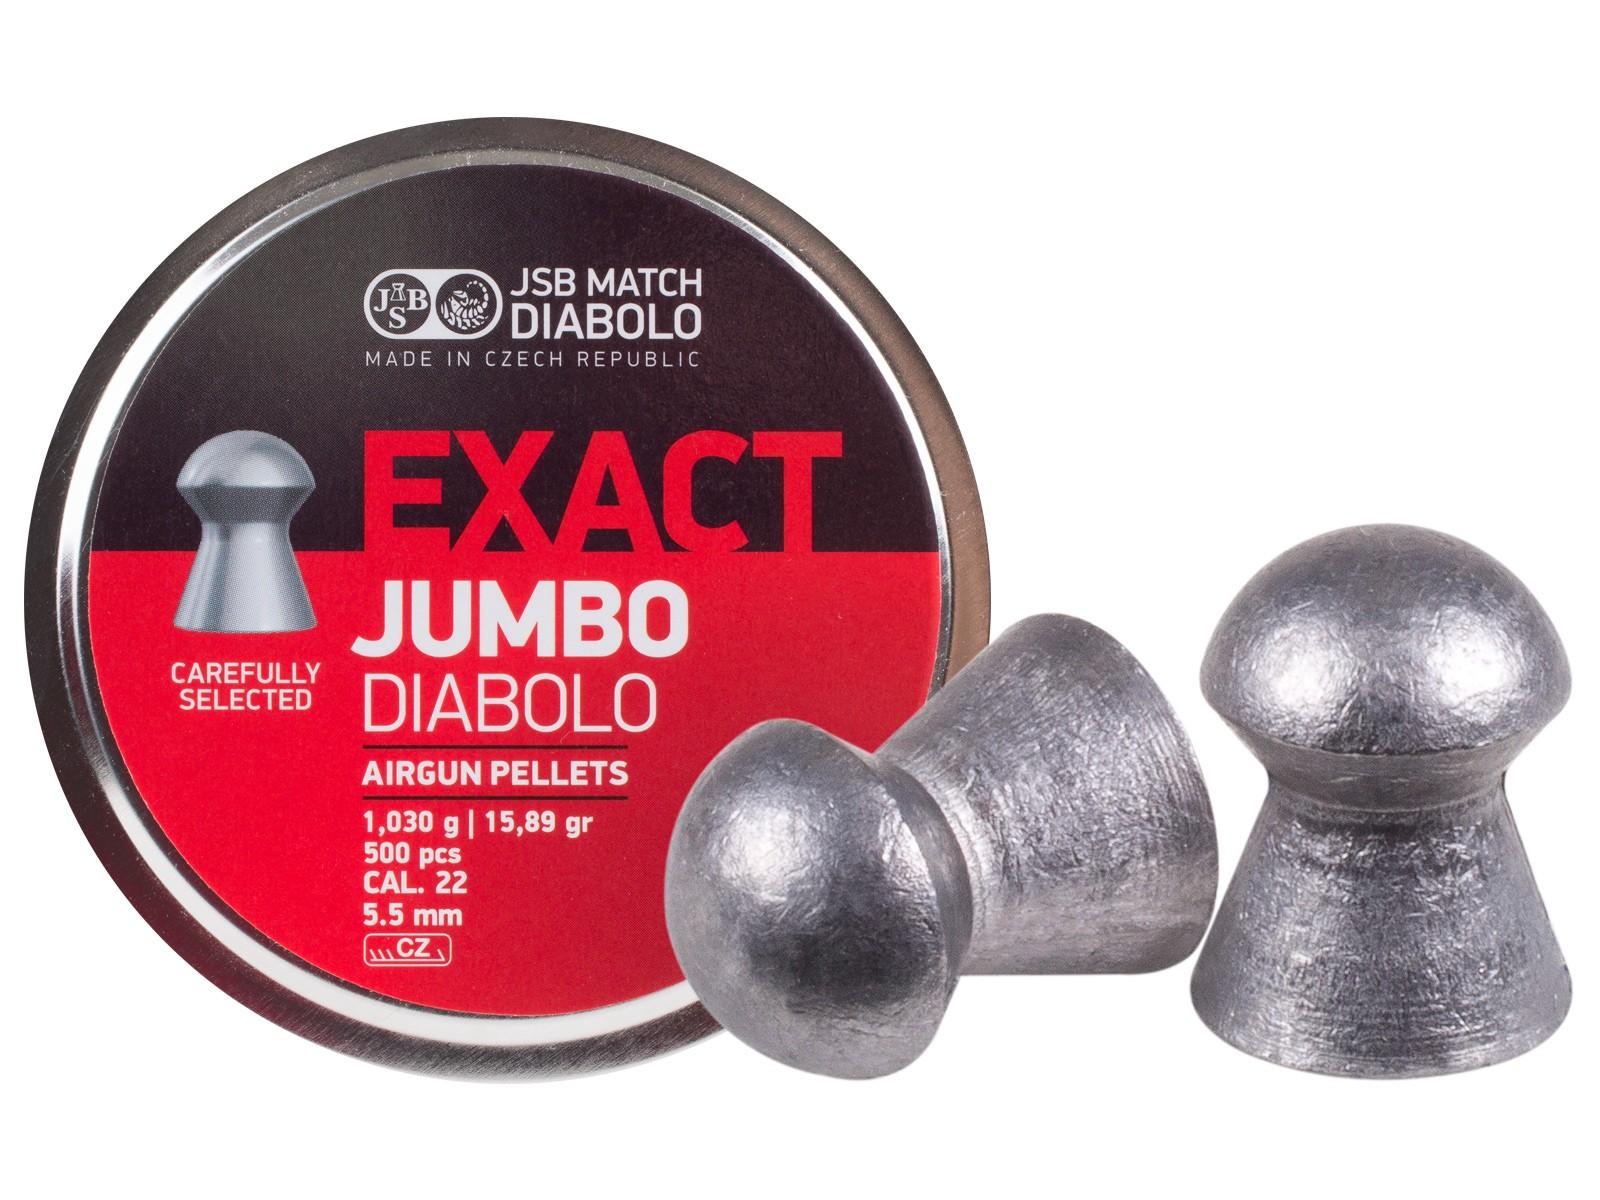 JSB-Jumbo-Exact-22.-5.51